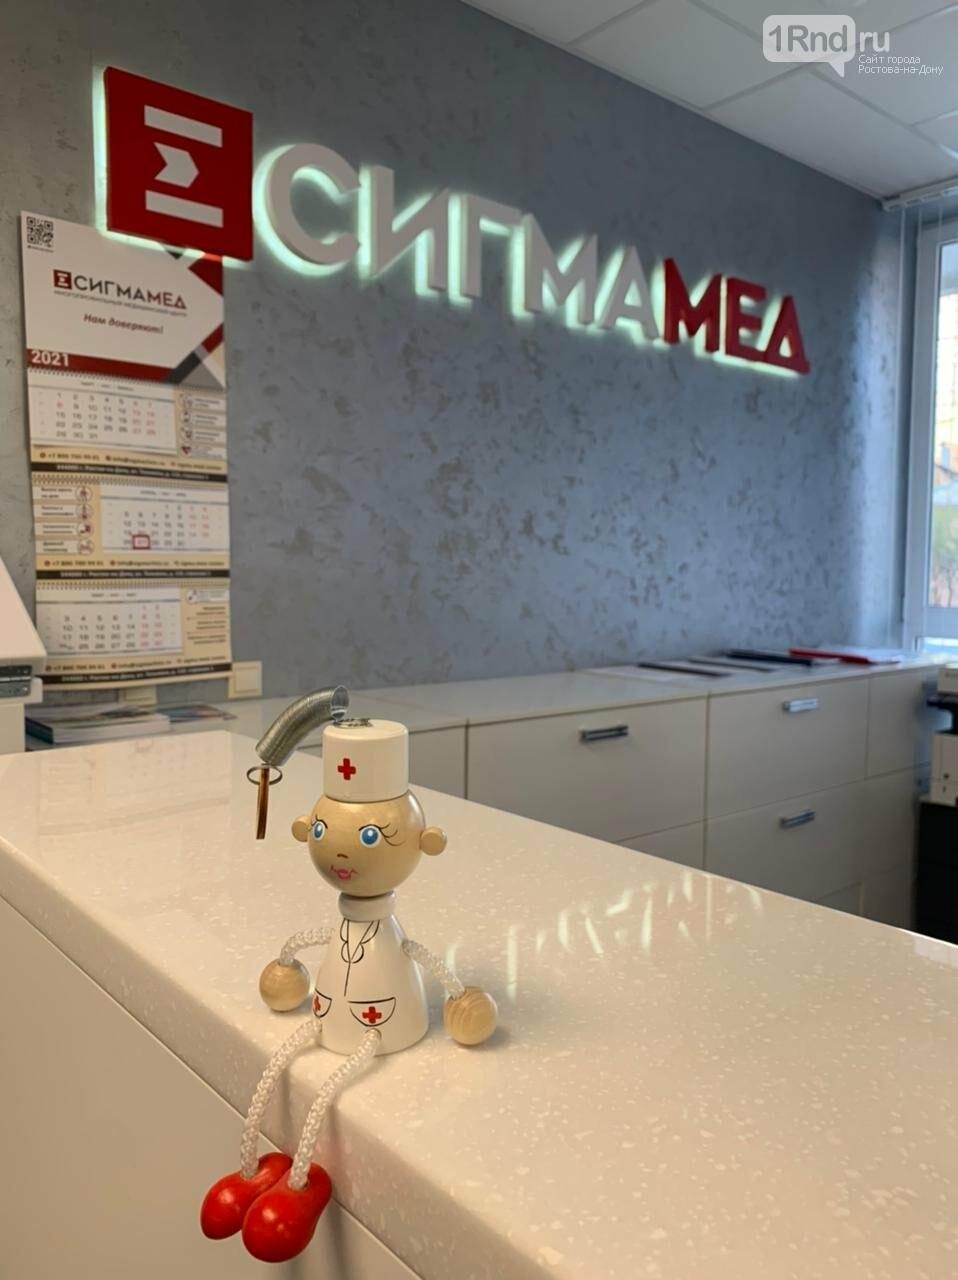 Многопрофильный медицинский центр «Сигмамед» в Ростове начал прием пациентов, фото-1